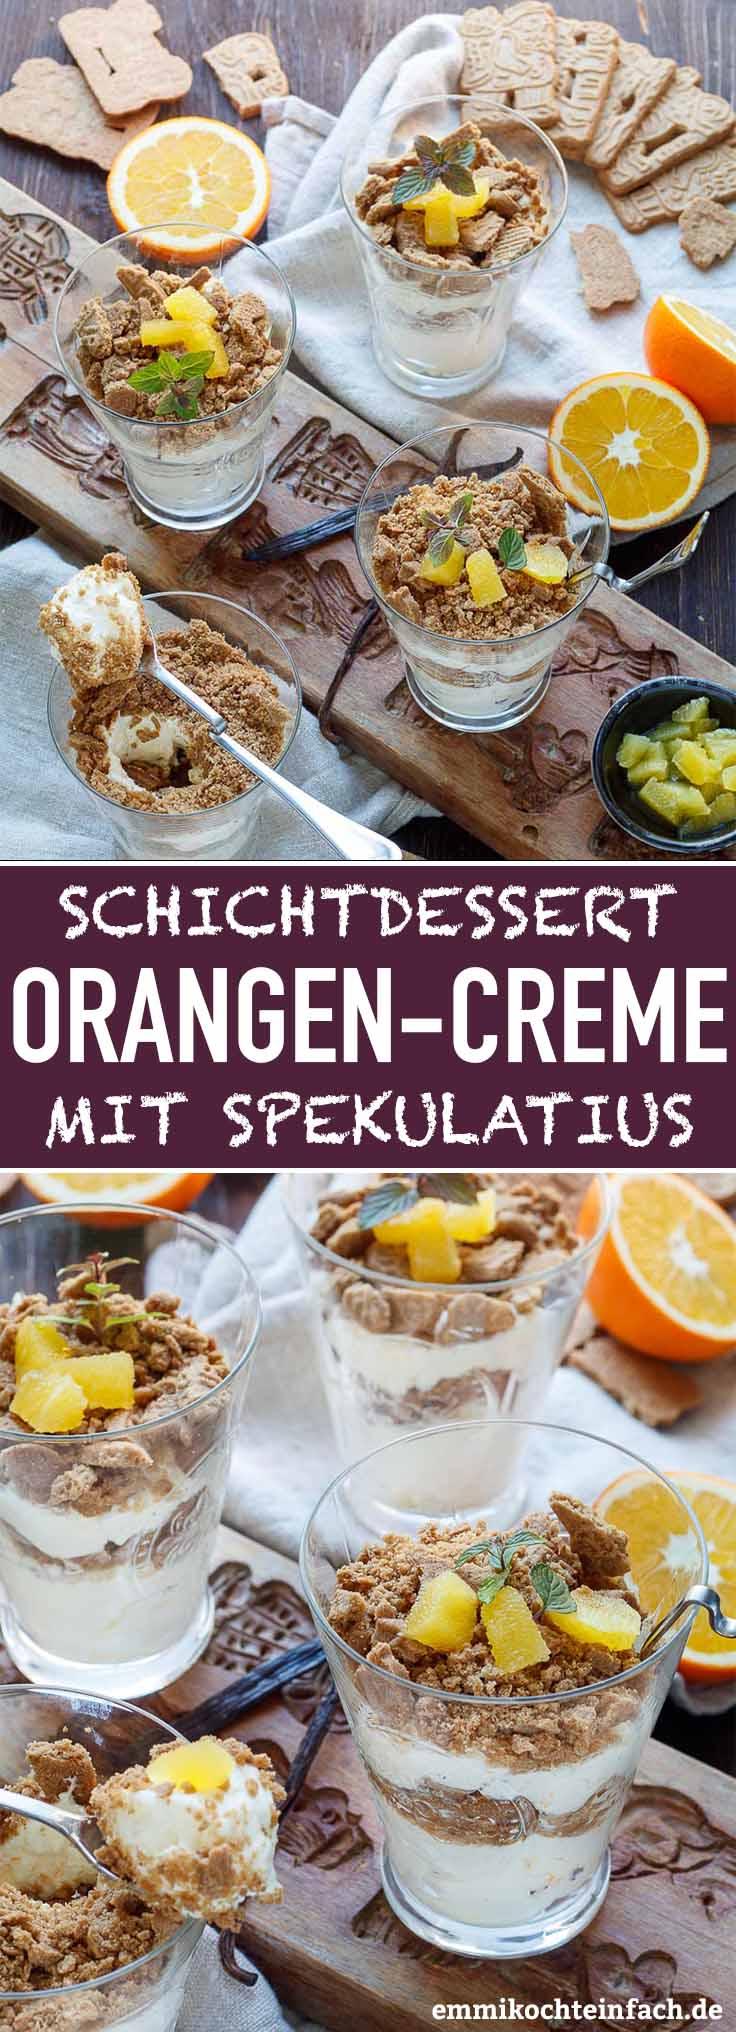 Orangencreme Dessert mit Spekulatius - www.emmikochteinfach.de